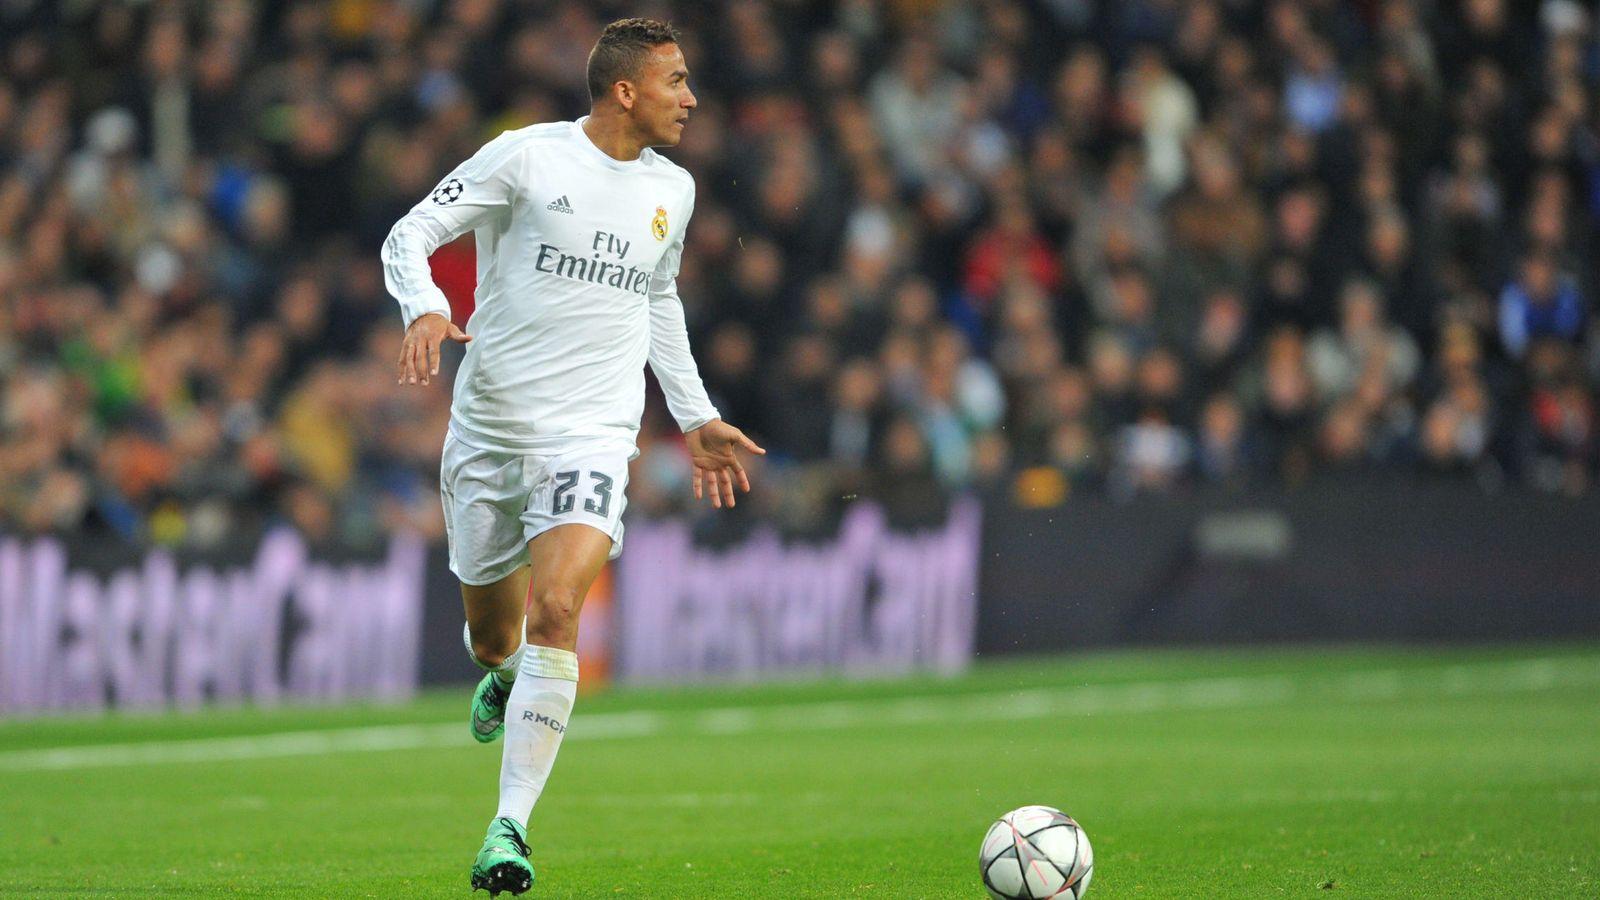 Foto: La afición del Real Madrid no tuvo piedad y silbó con insistencia a Danilo (Cordon Press)